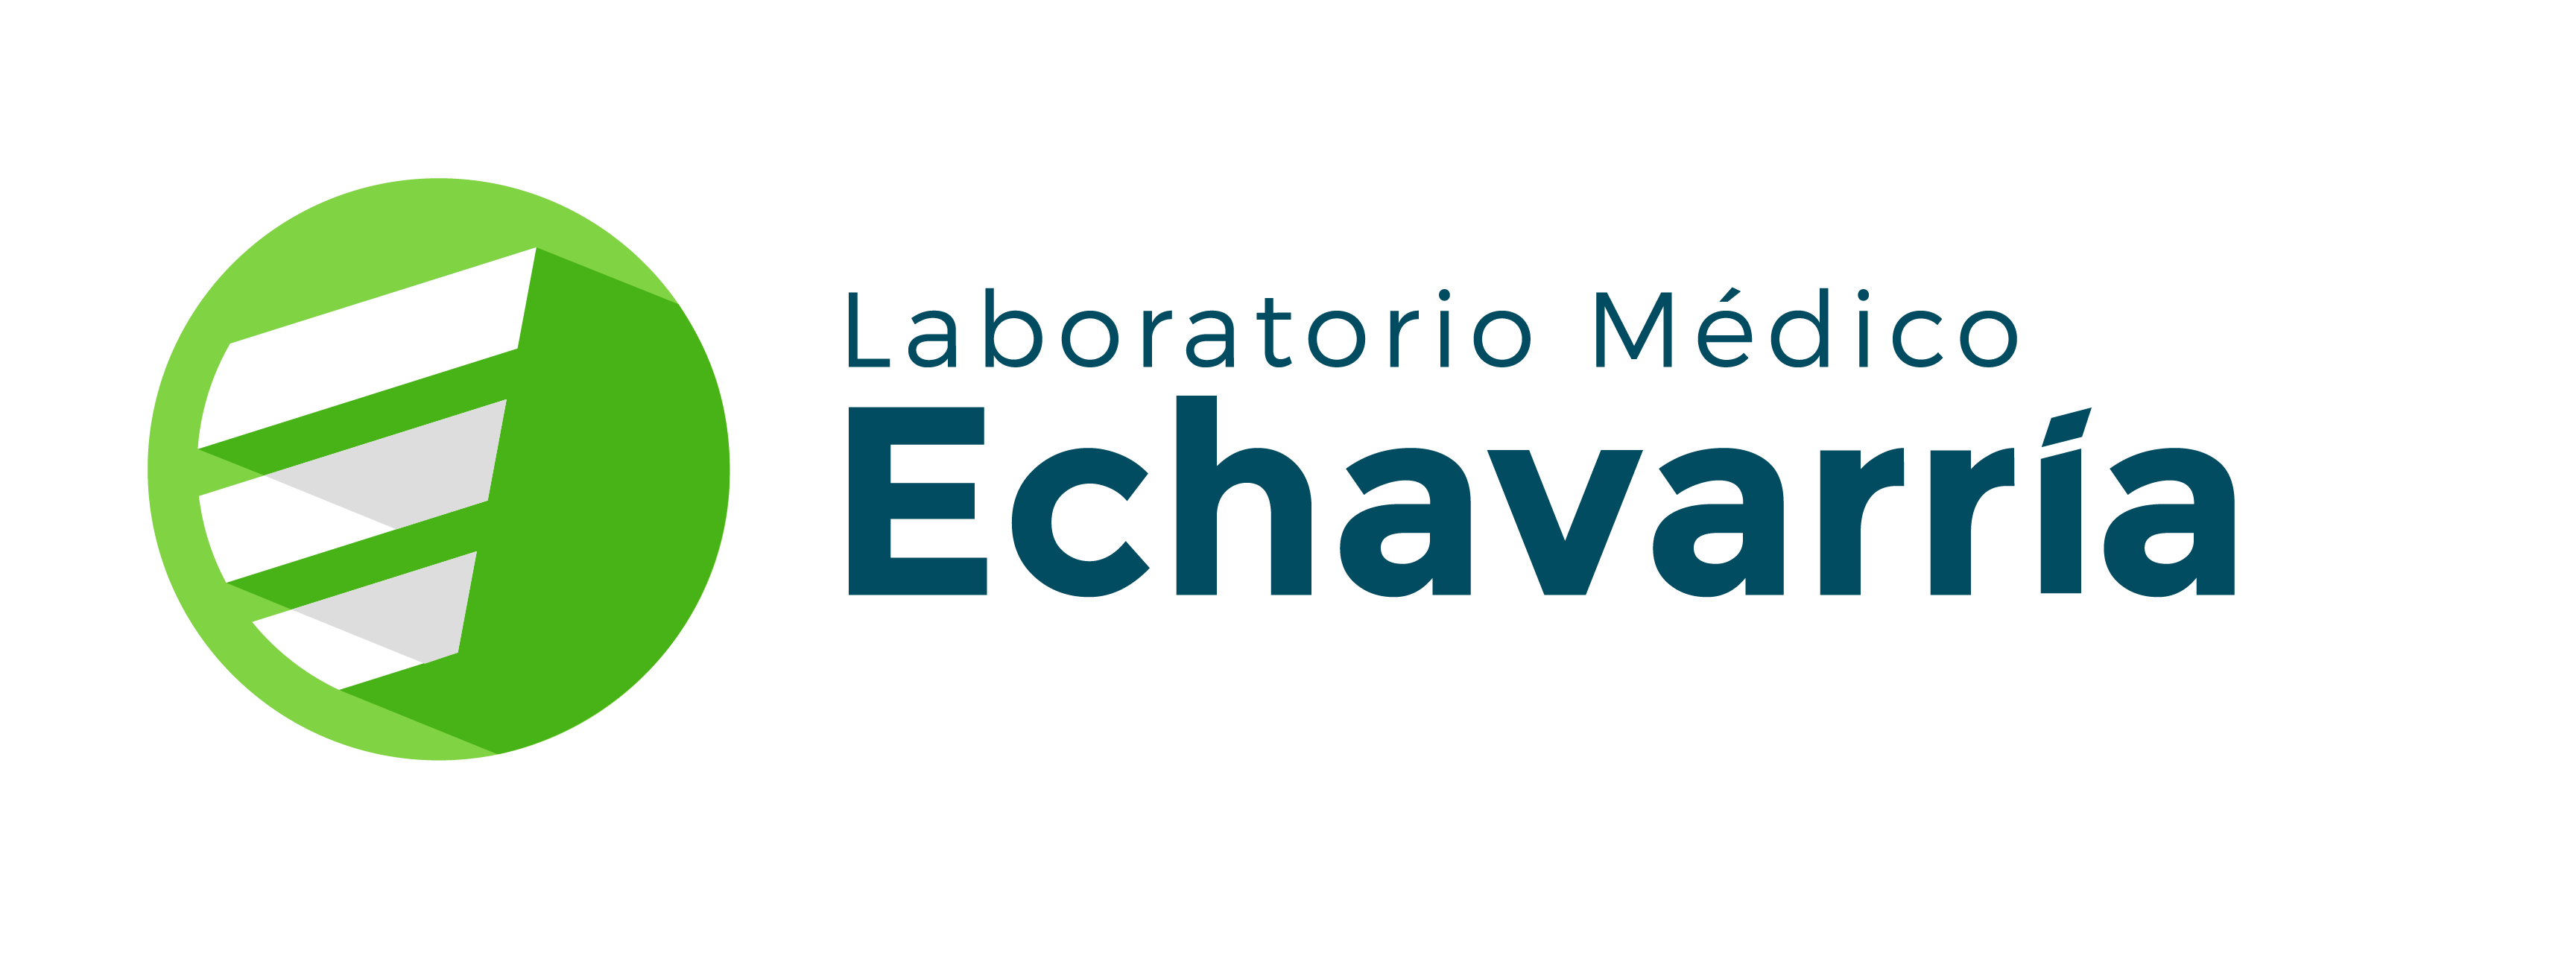 Laboratorio Médico Echavarría